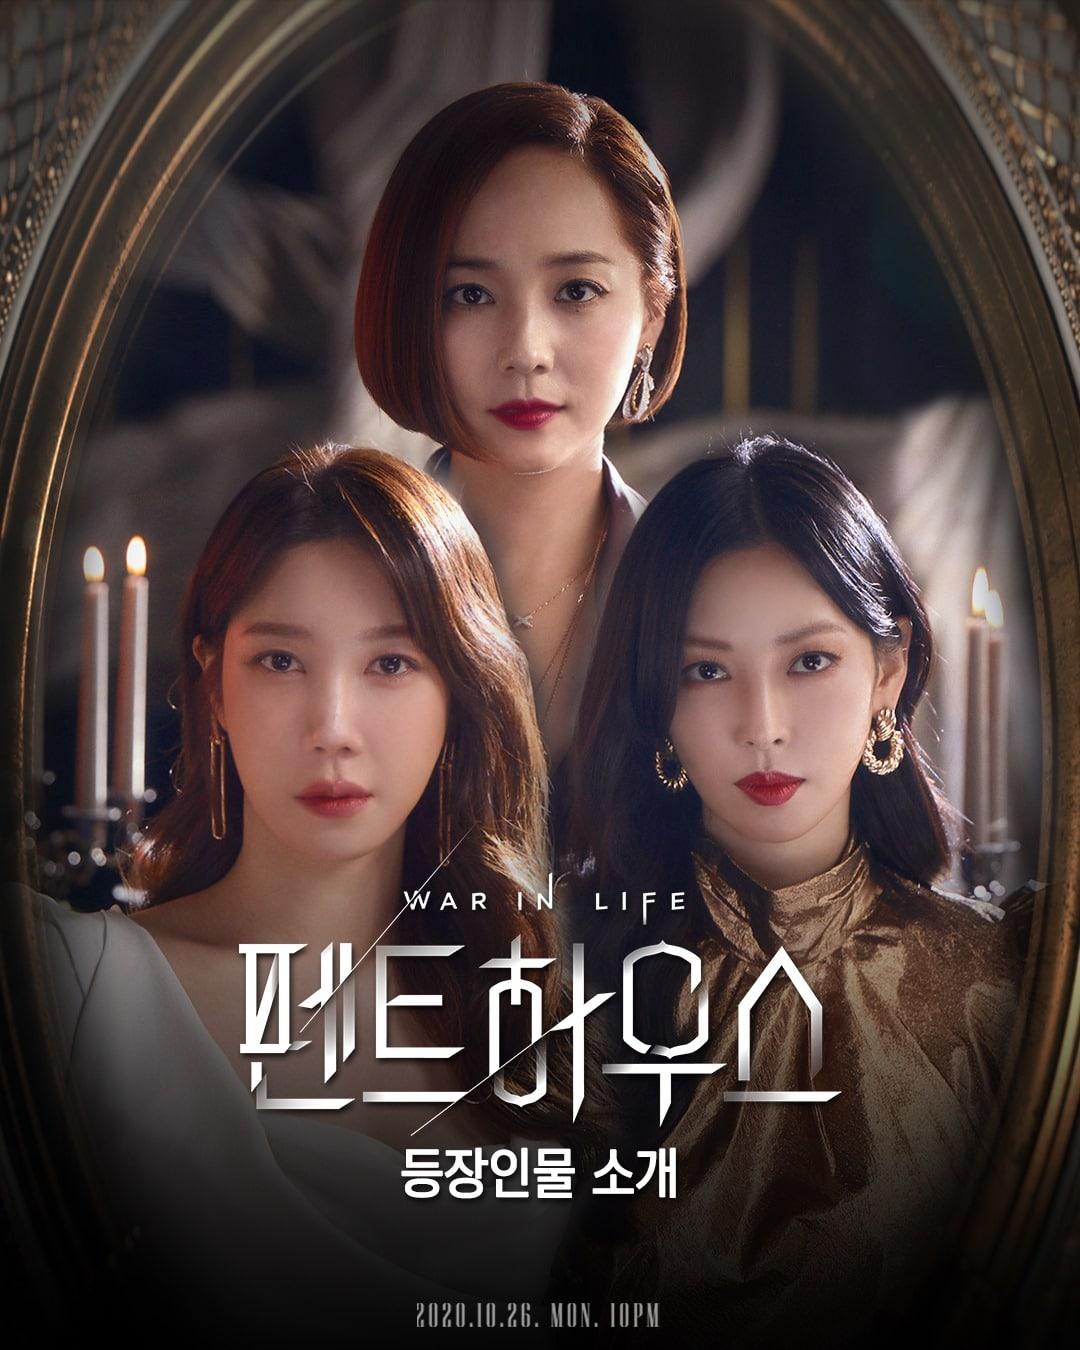 Điểm danh phim Hàn đang được theo dõi nhiều nhất trong tháng 11 này